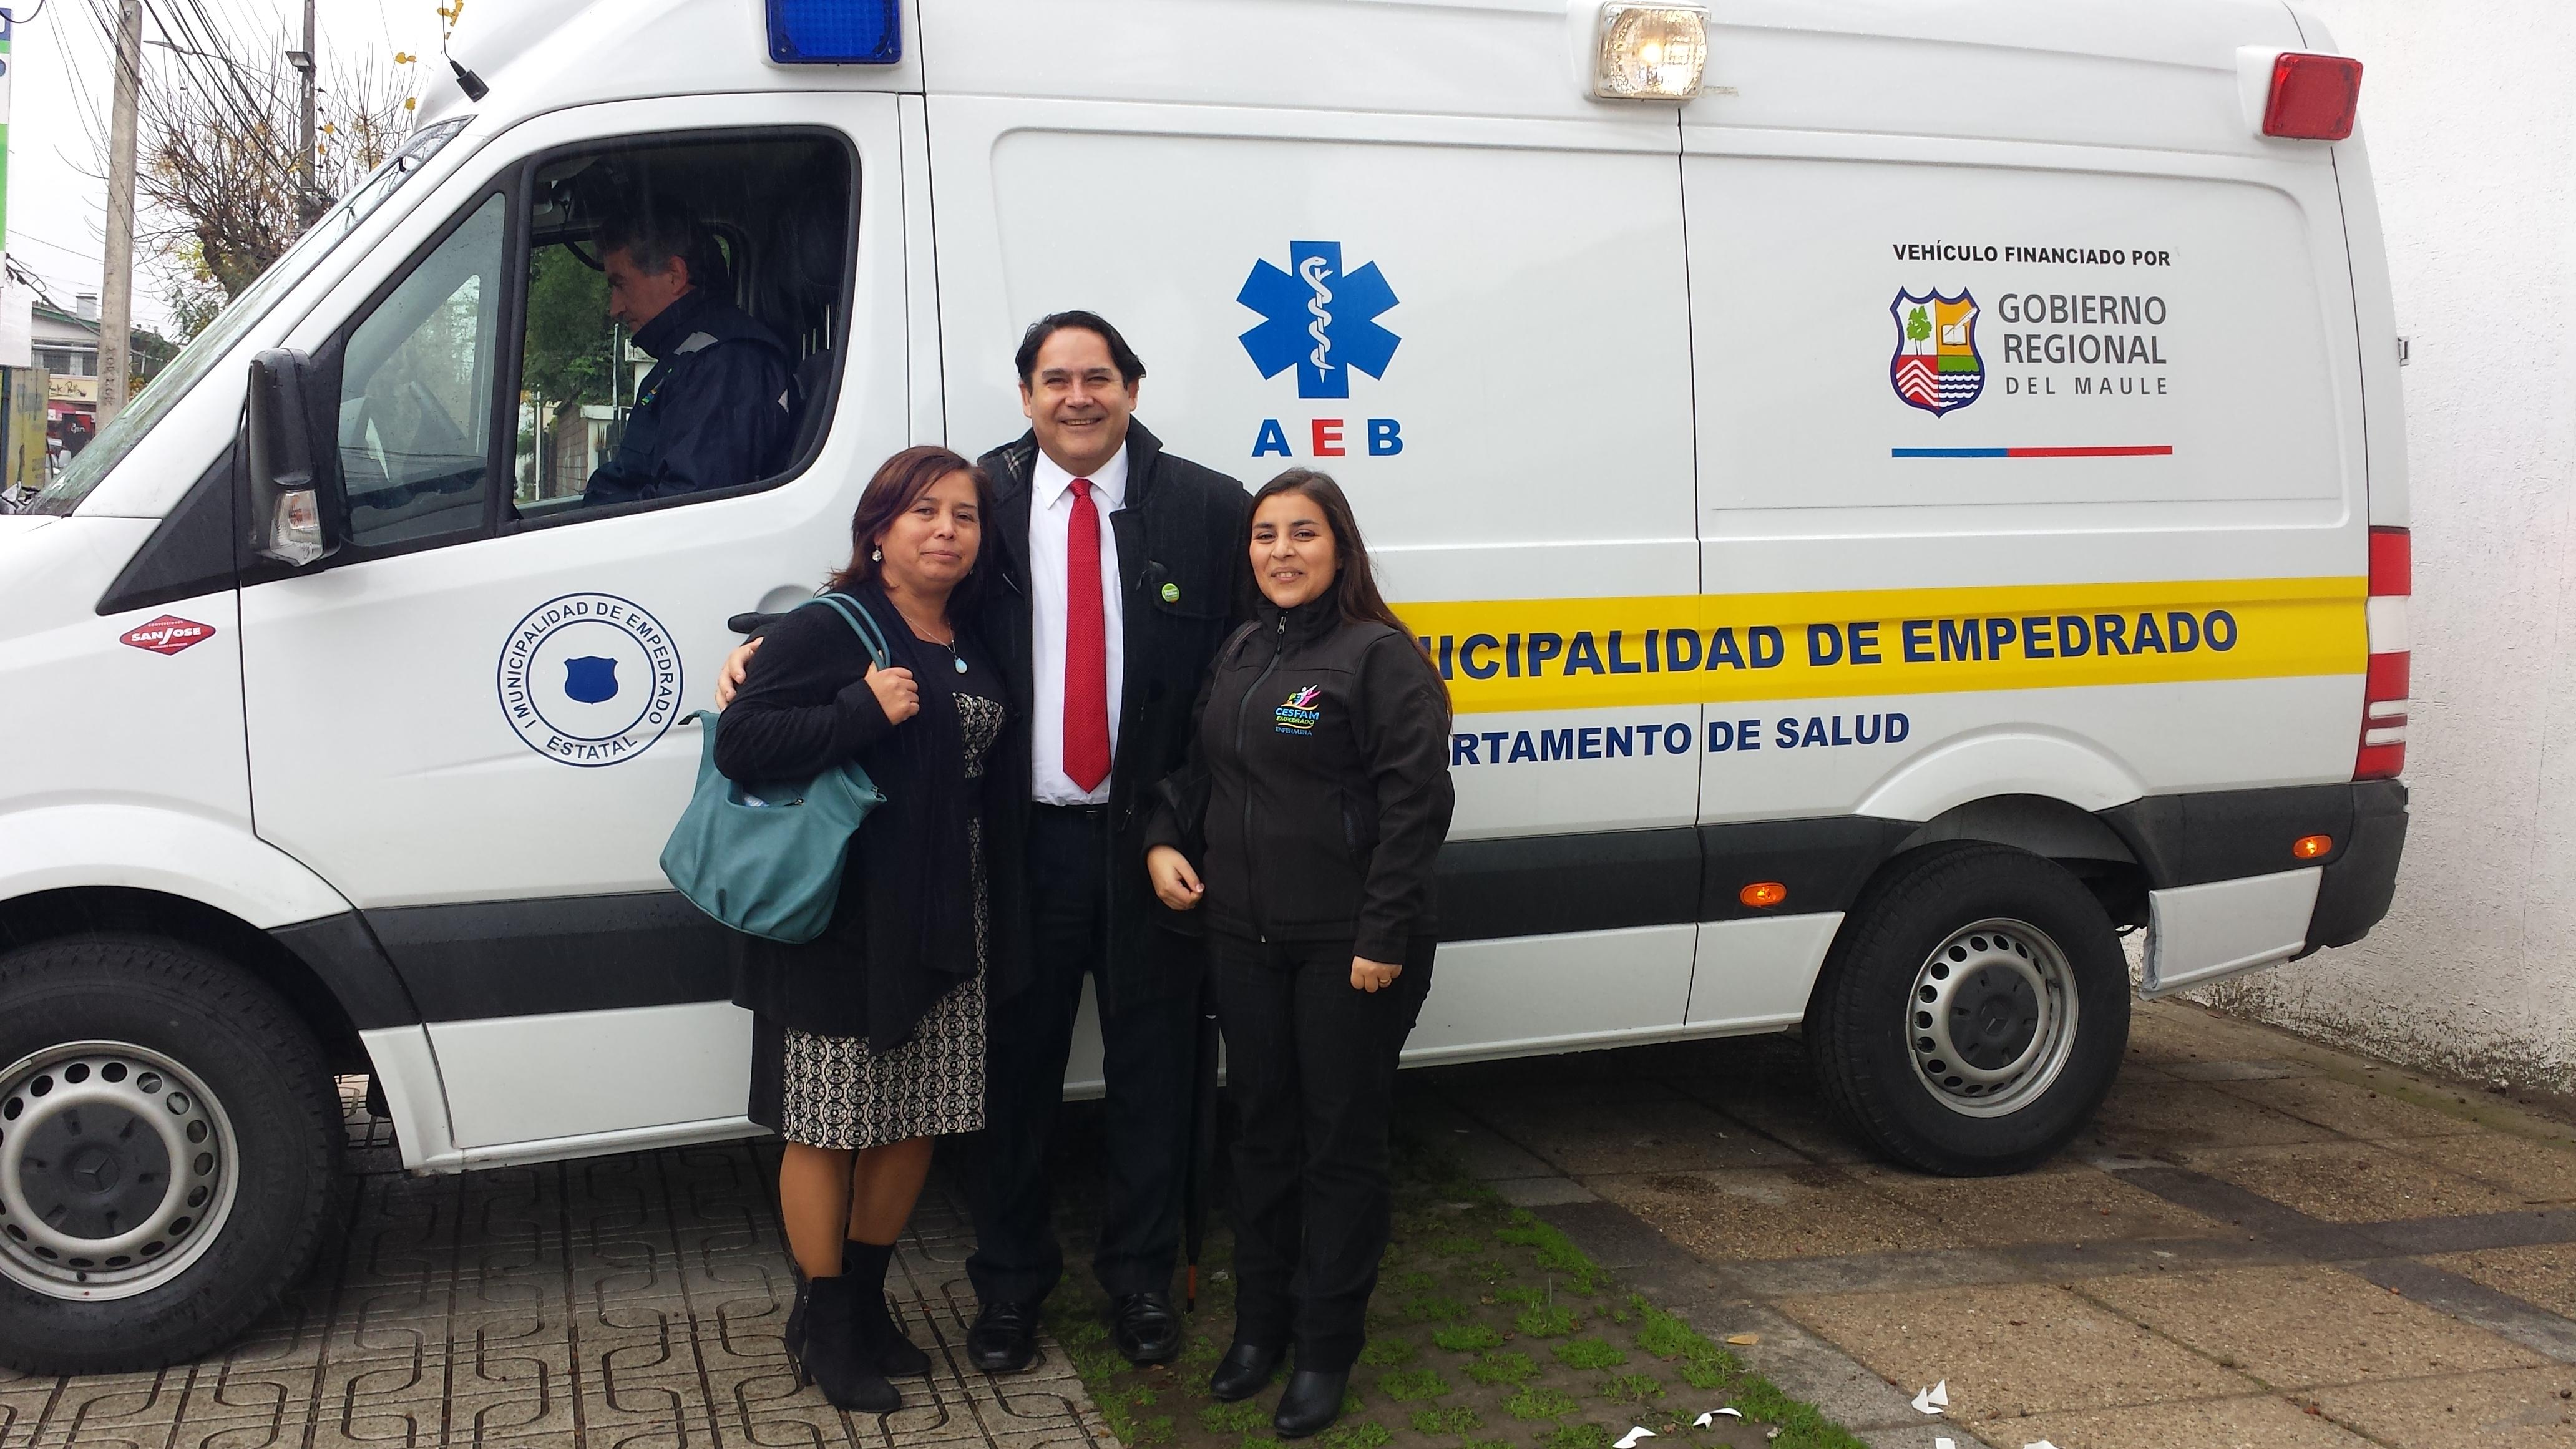 Gobierno Regional entregó vehículos por más de 325 millones de pesos a municipios de la región